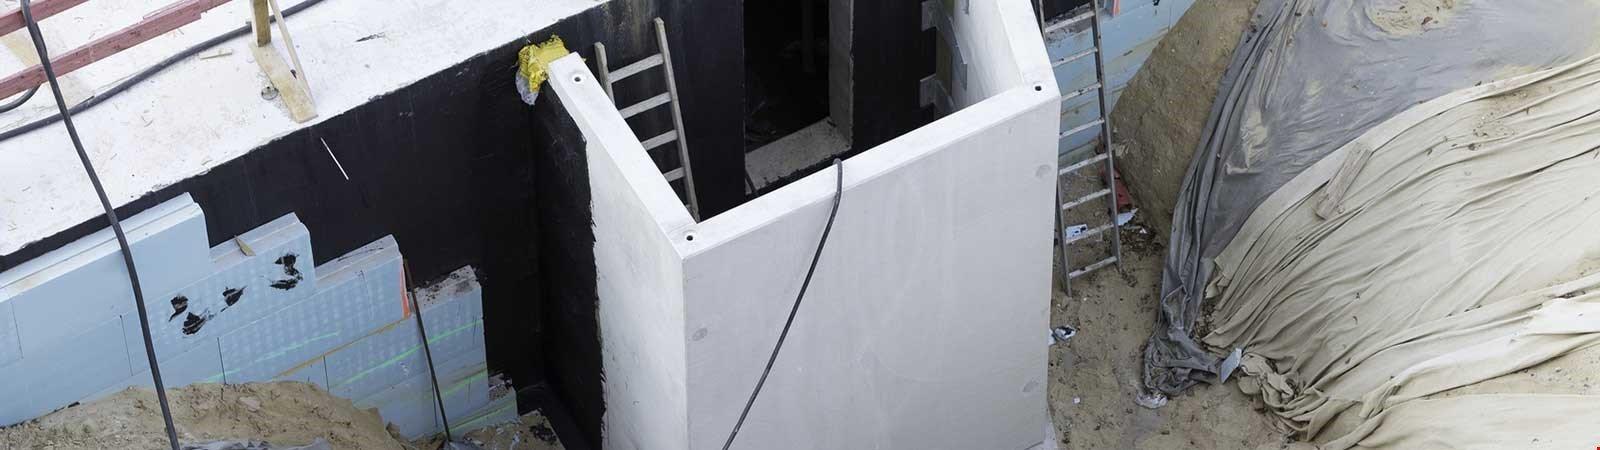 Perimeterdämmung: Kellersanierung und Ausbau